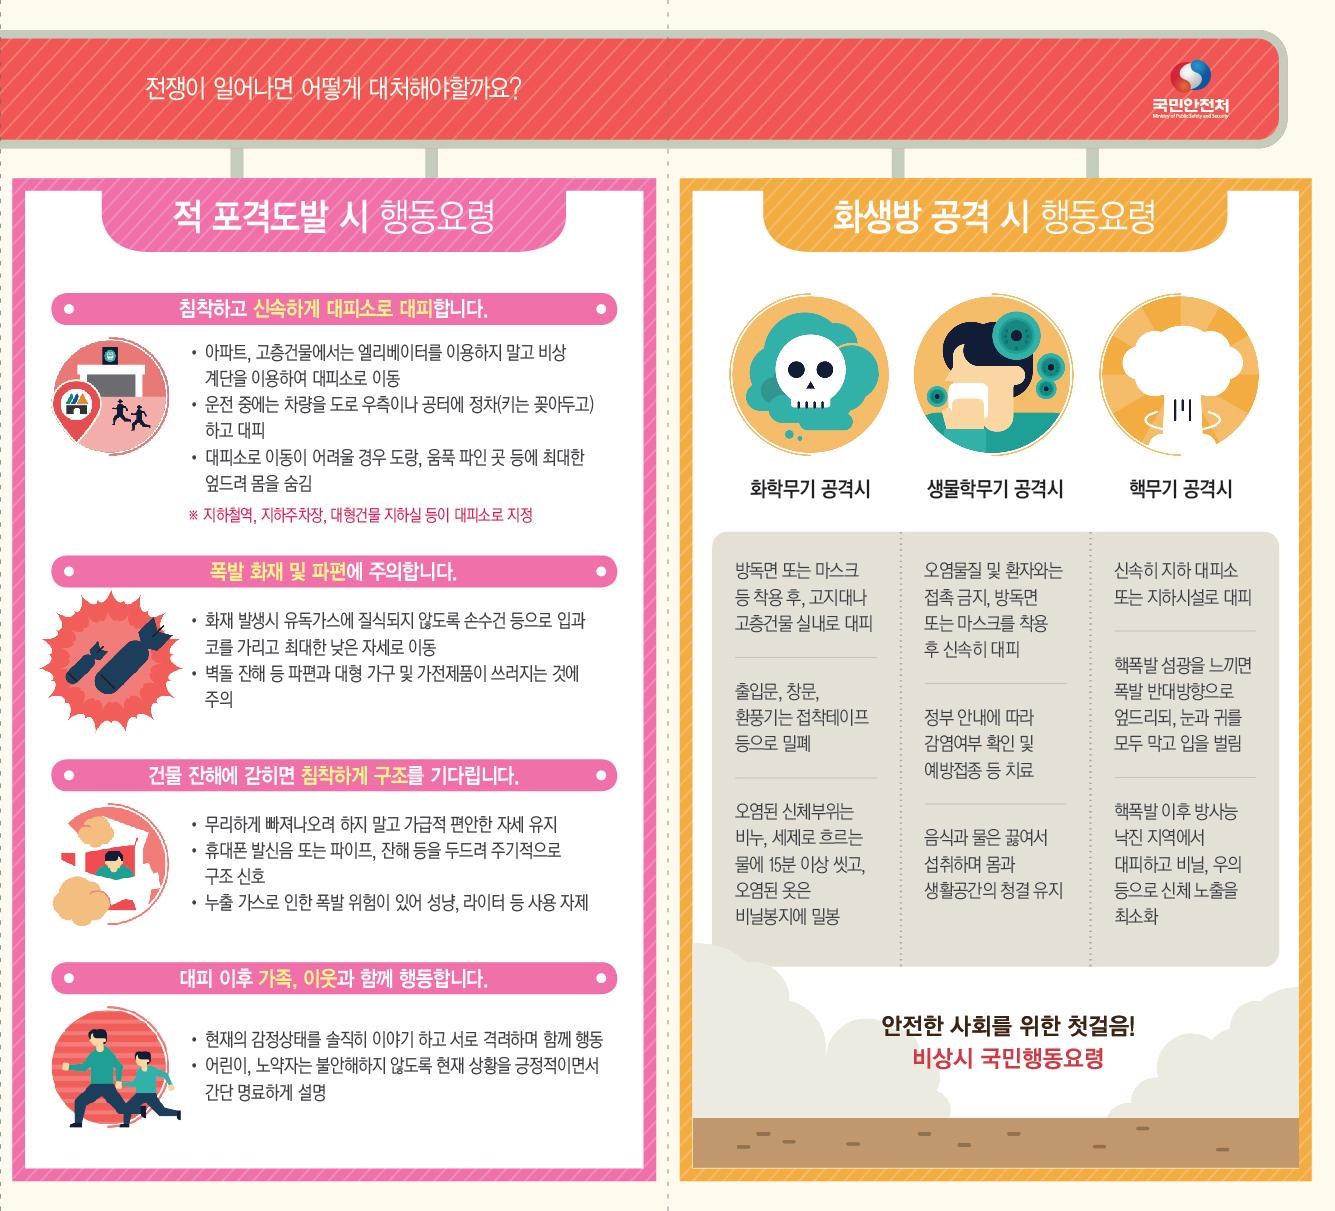 [붙임 4] 비상시 국민행동요령 홍보 리플릿_4페이지